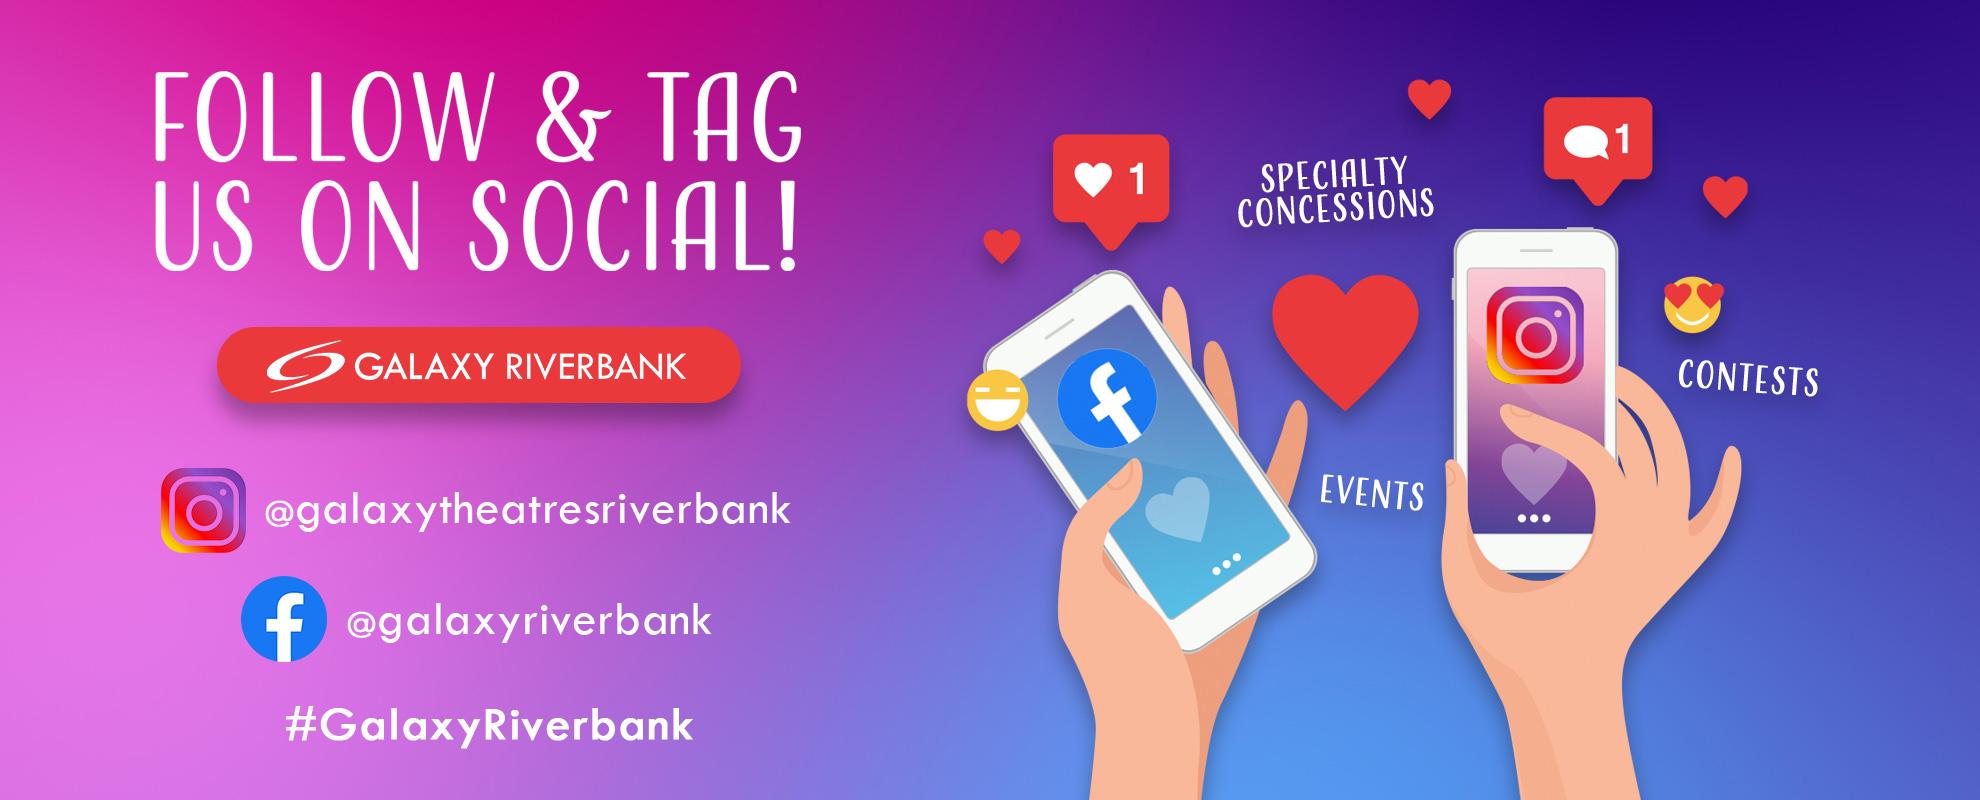 Socials/Hashtag - Riverbank image